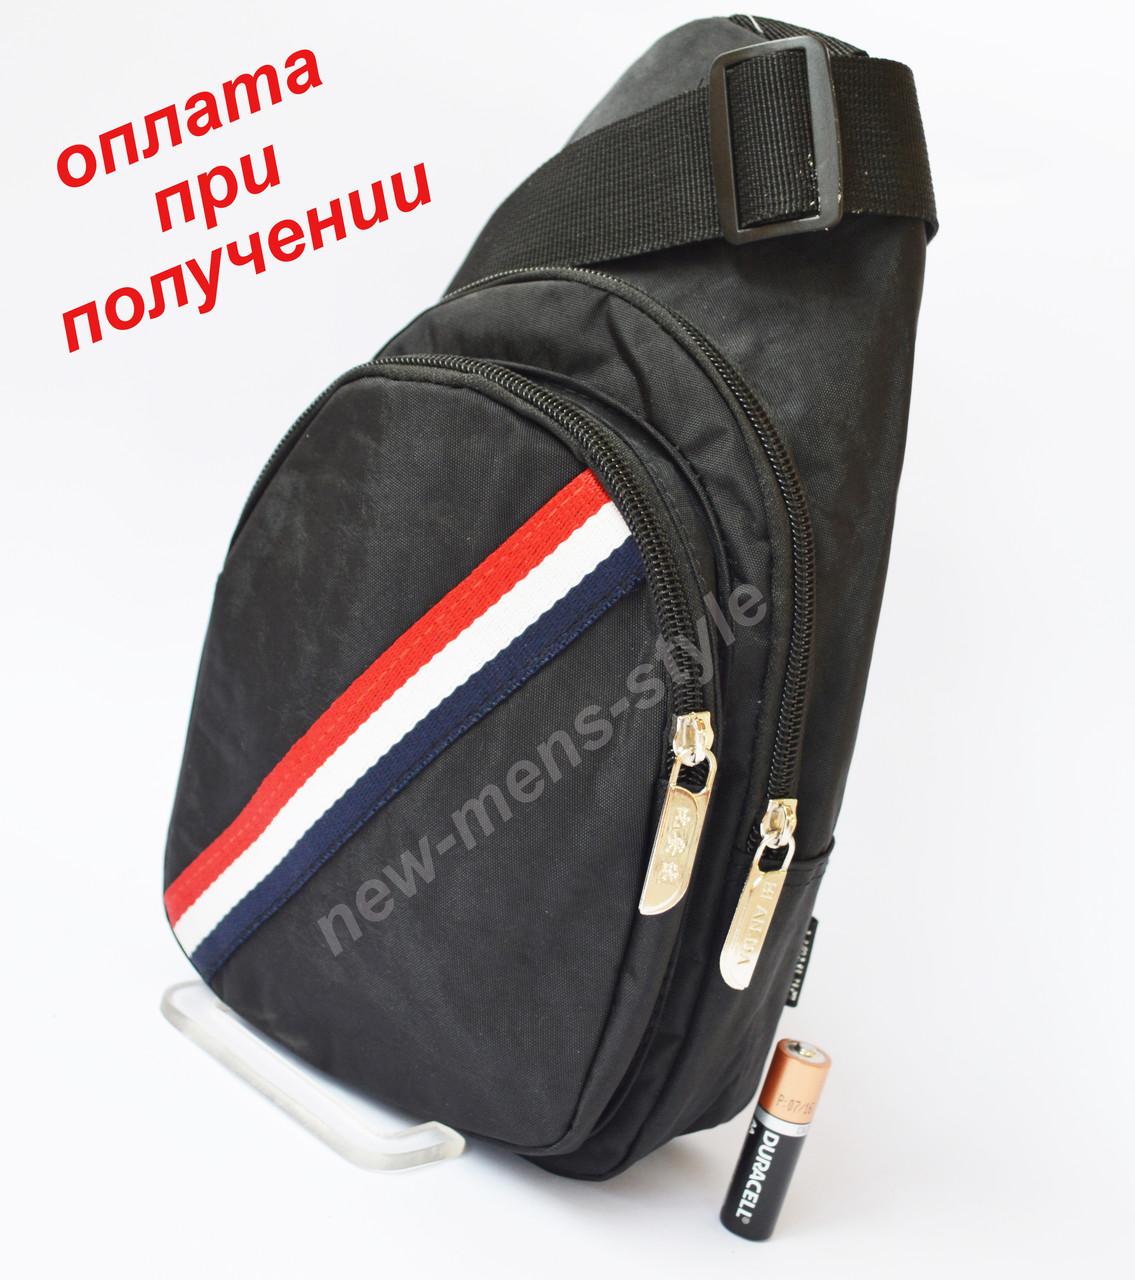 a3a68c26dfb6 Мужская спортивная тканевая сумка рюкзак бананка слинг через плечо